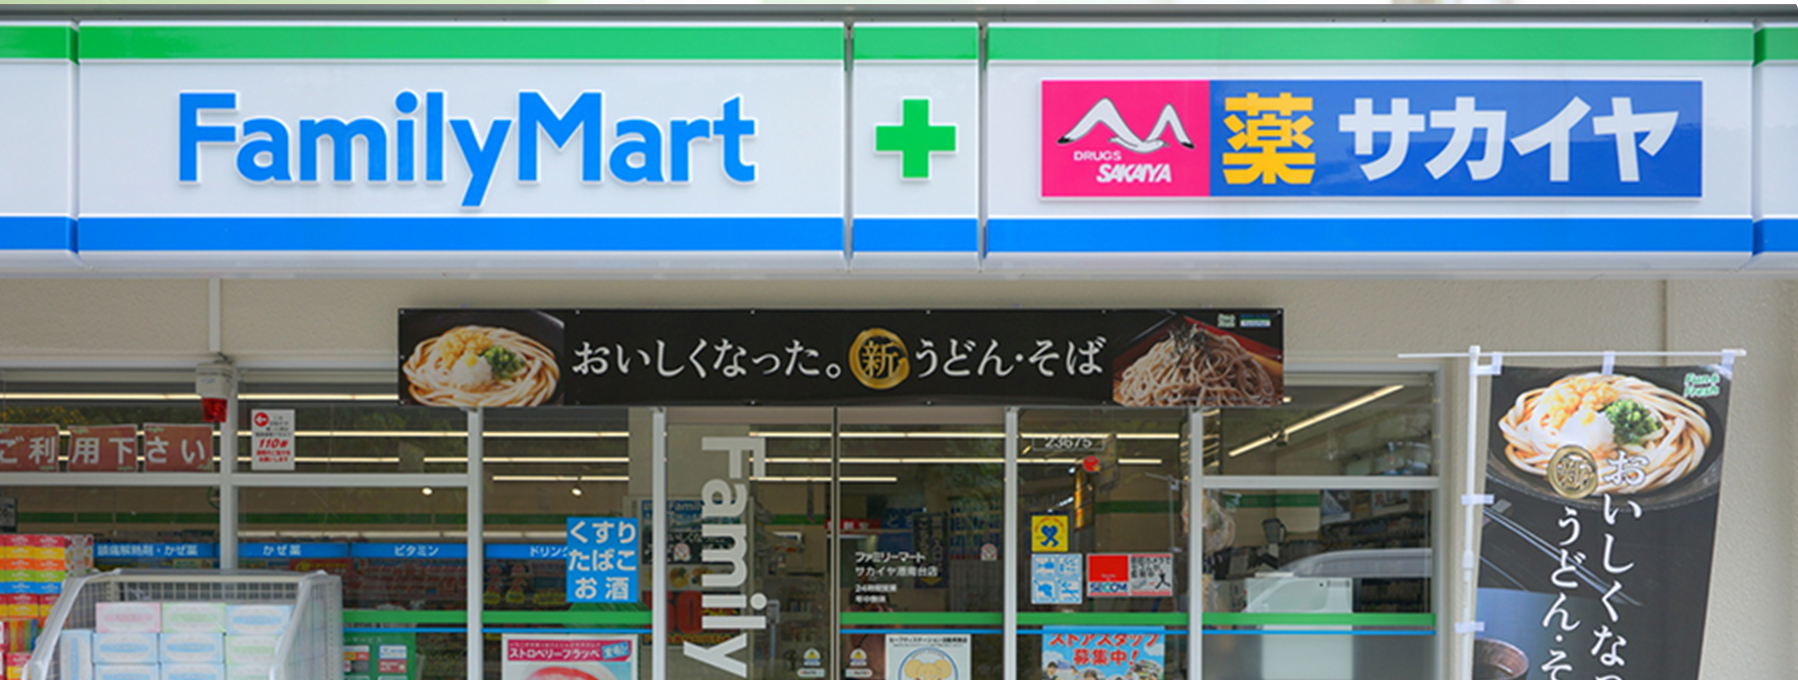 店舗情報 コンビニ・サカイヤ